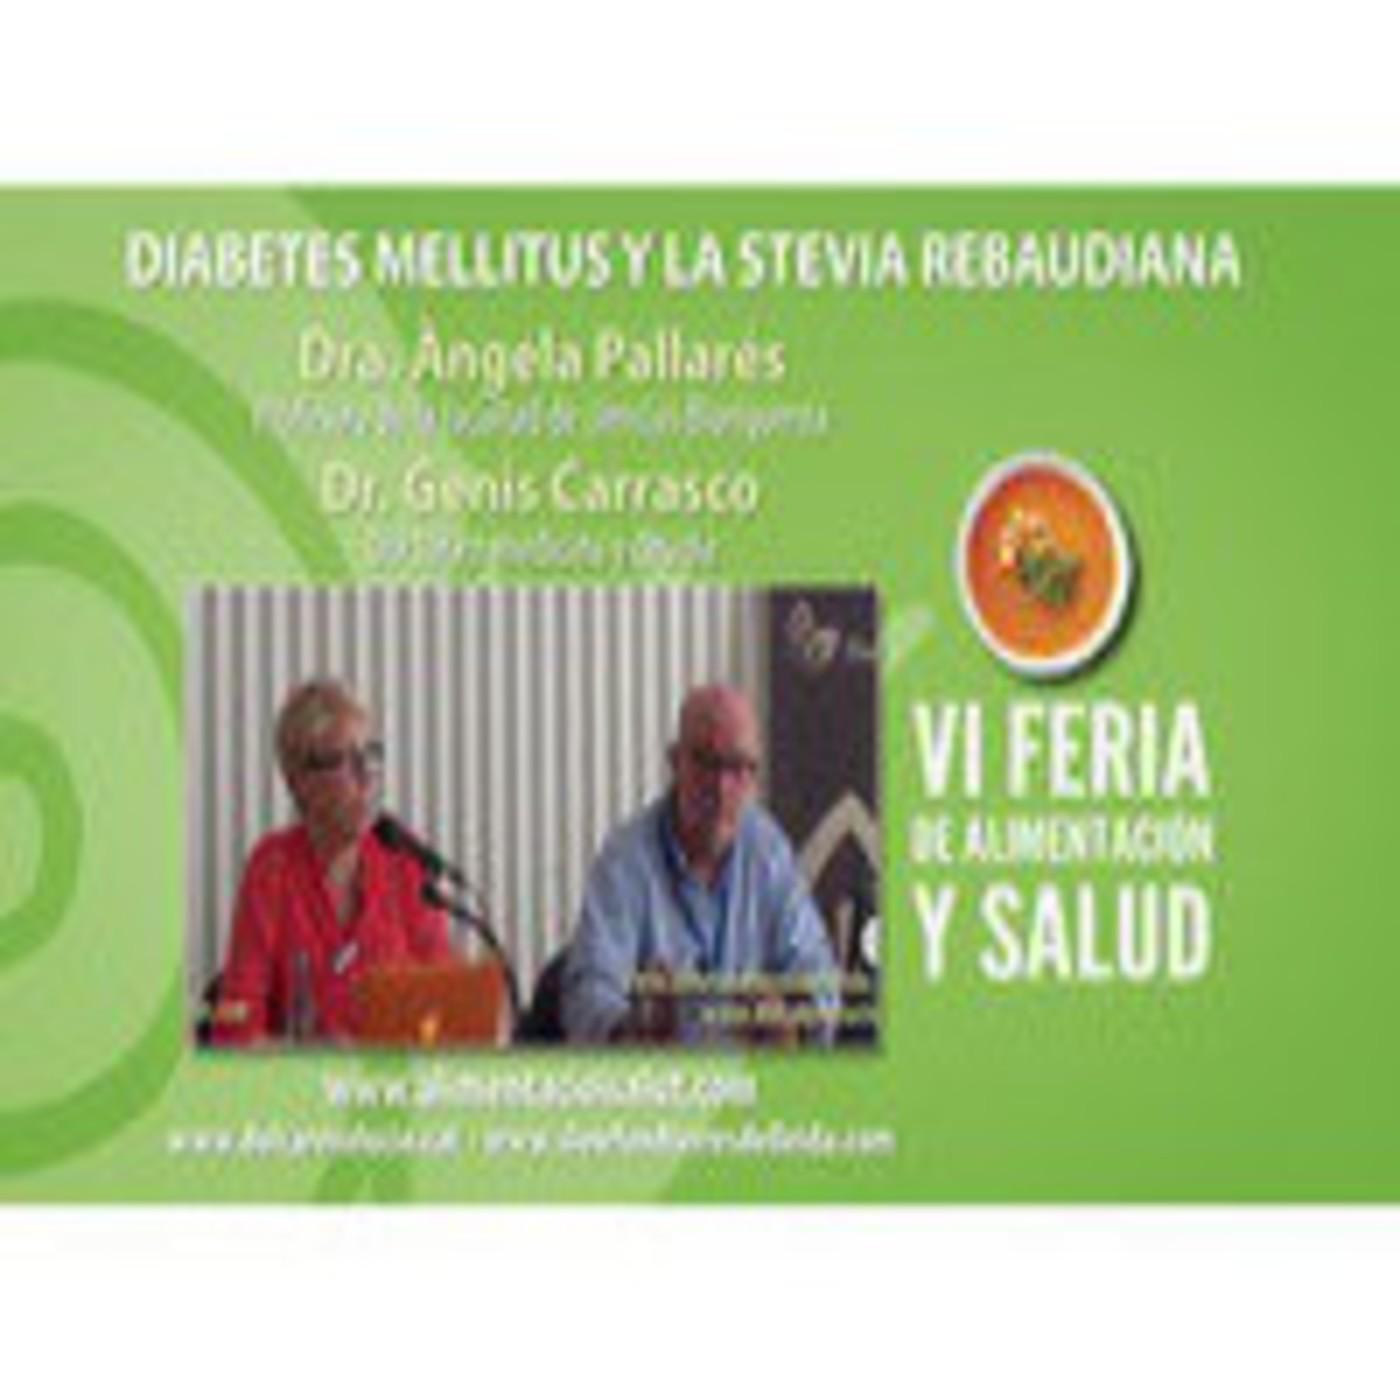 testimonios de vida joven asociación de diabetes